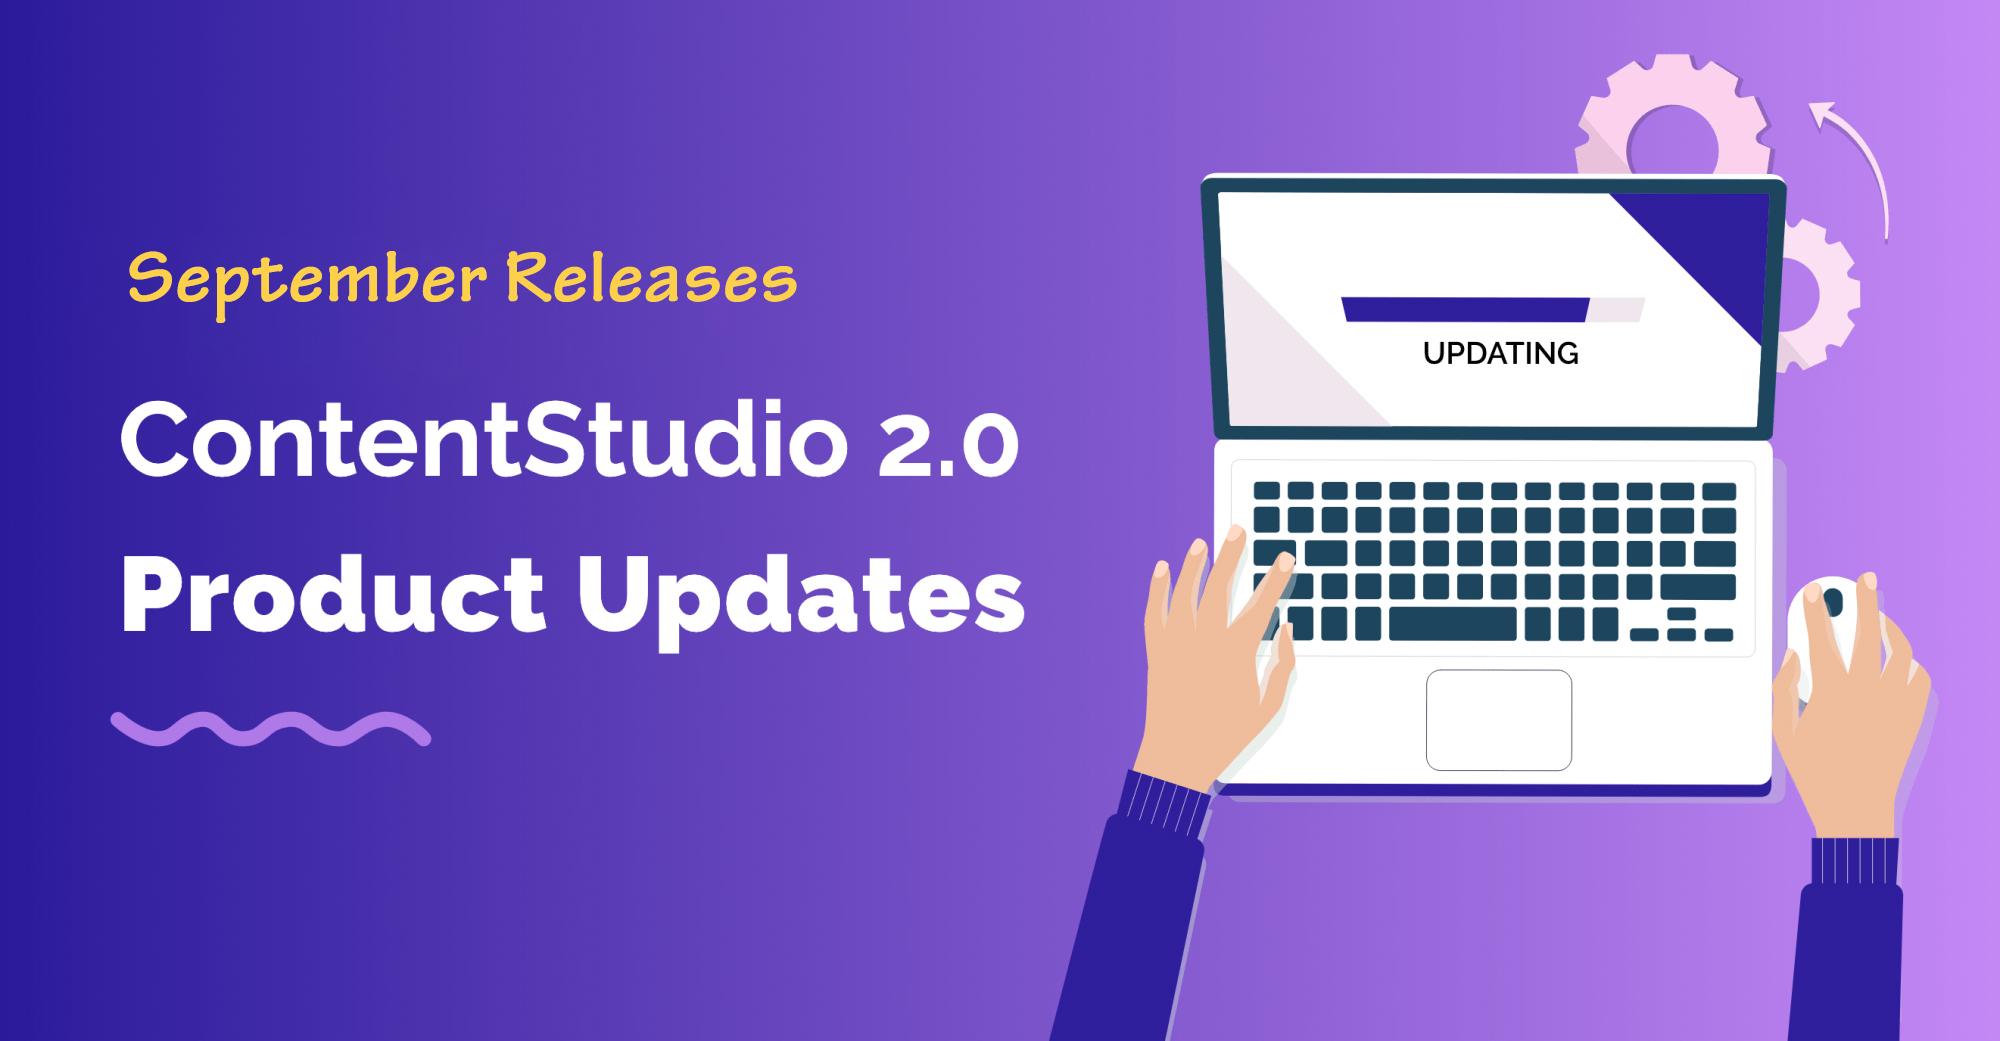 September Product Update - ContentStudio